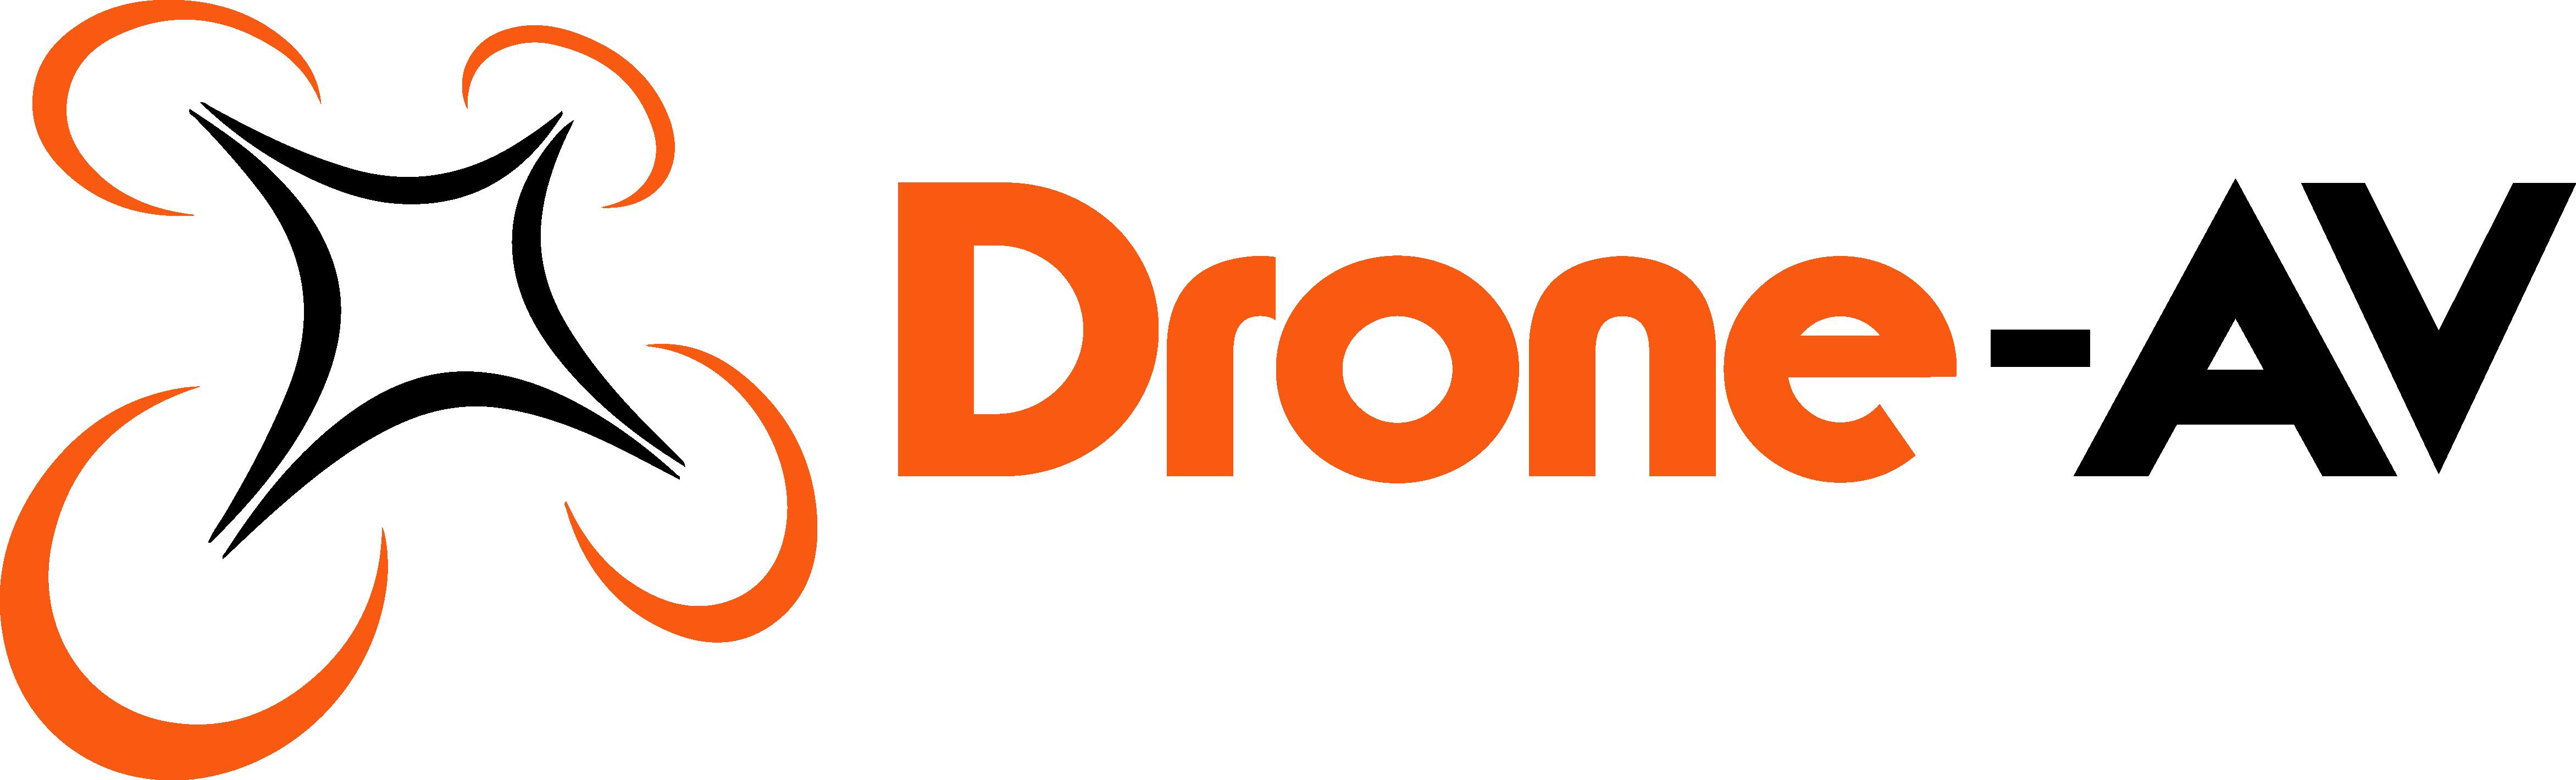 Drone-AV